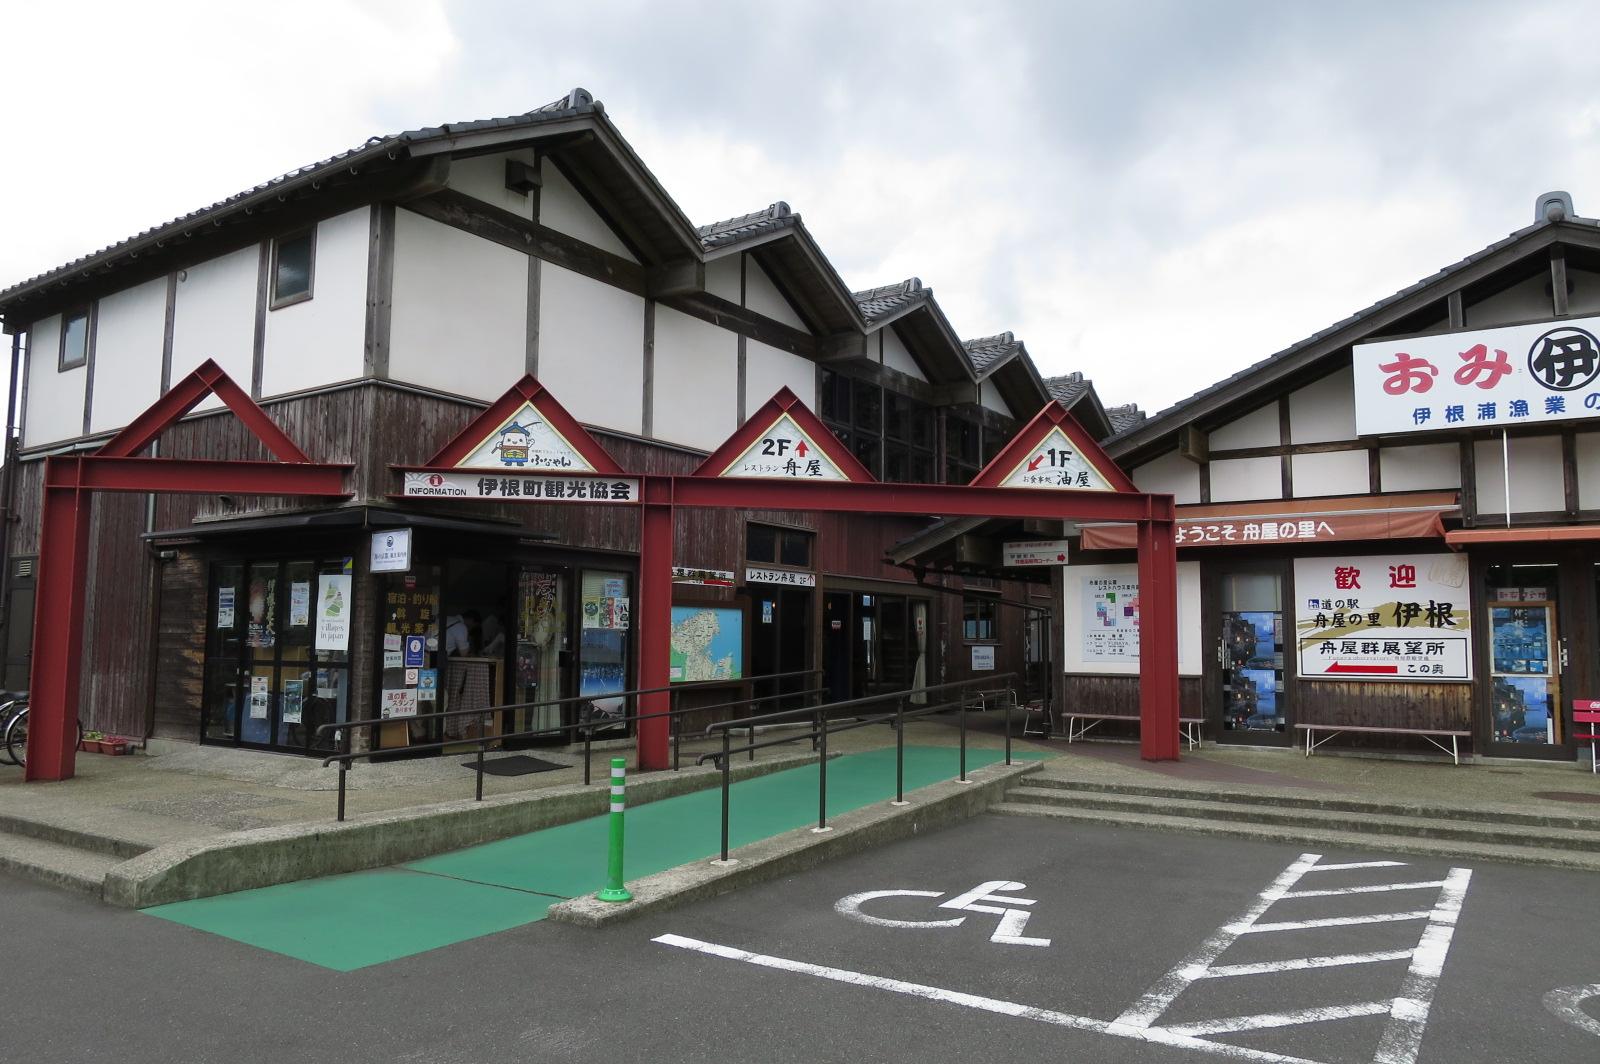 道の駅「舟屋の里伊根」の近くにある伊根町観光協会。情報収集してからの散策がおすすめ。